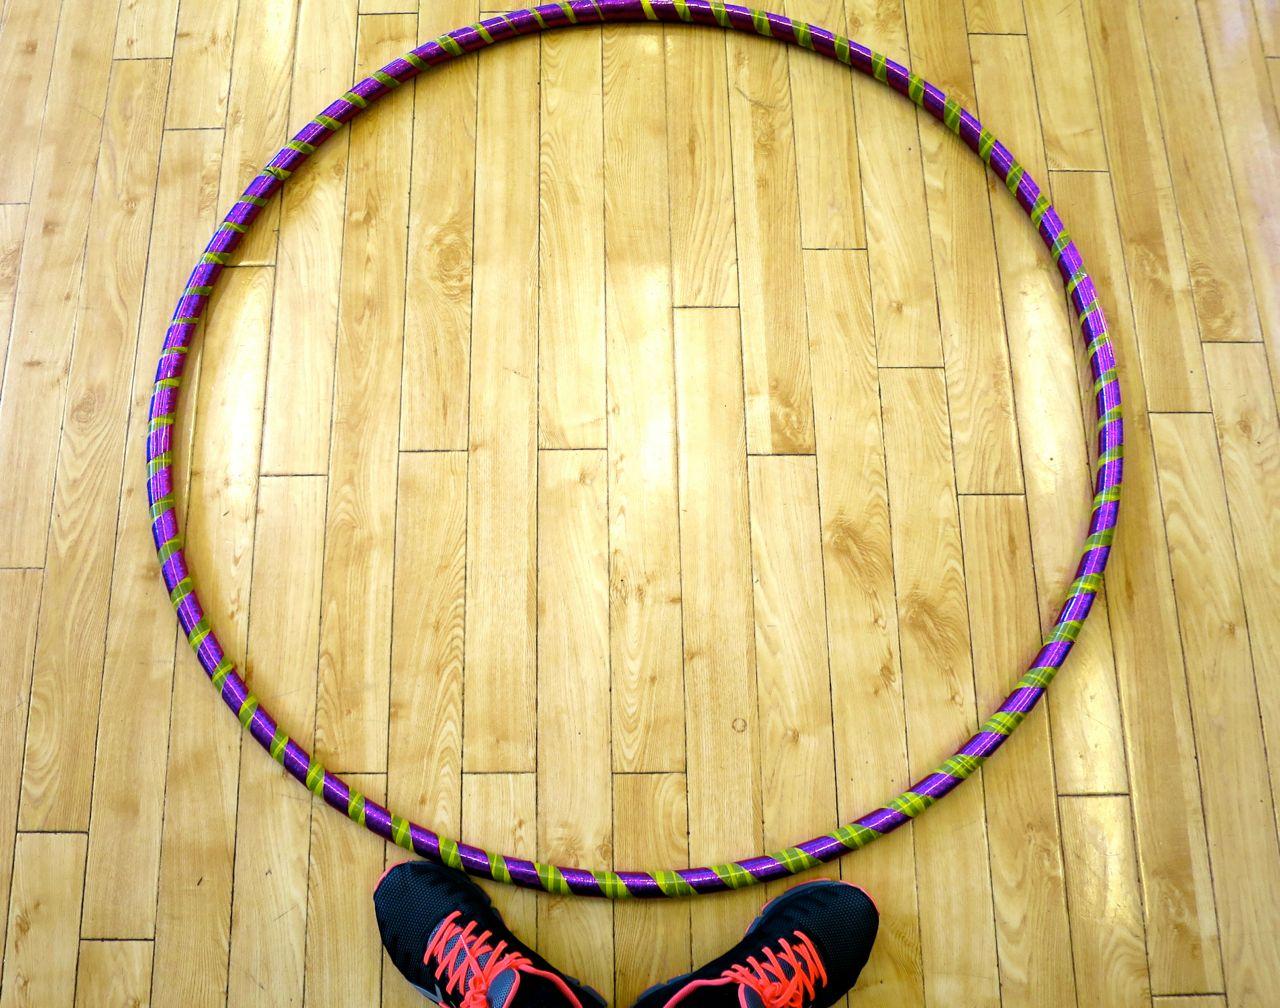 Finished Hula Hoop